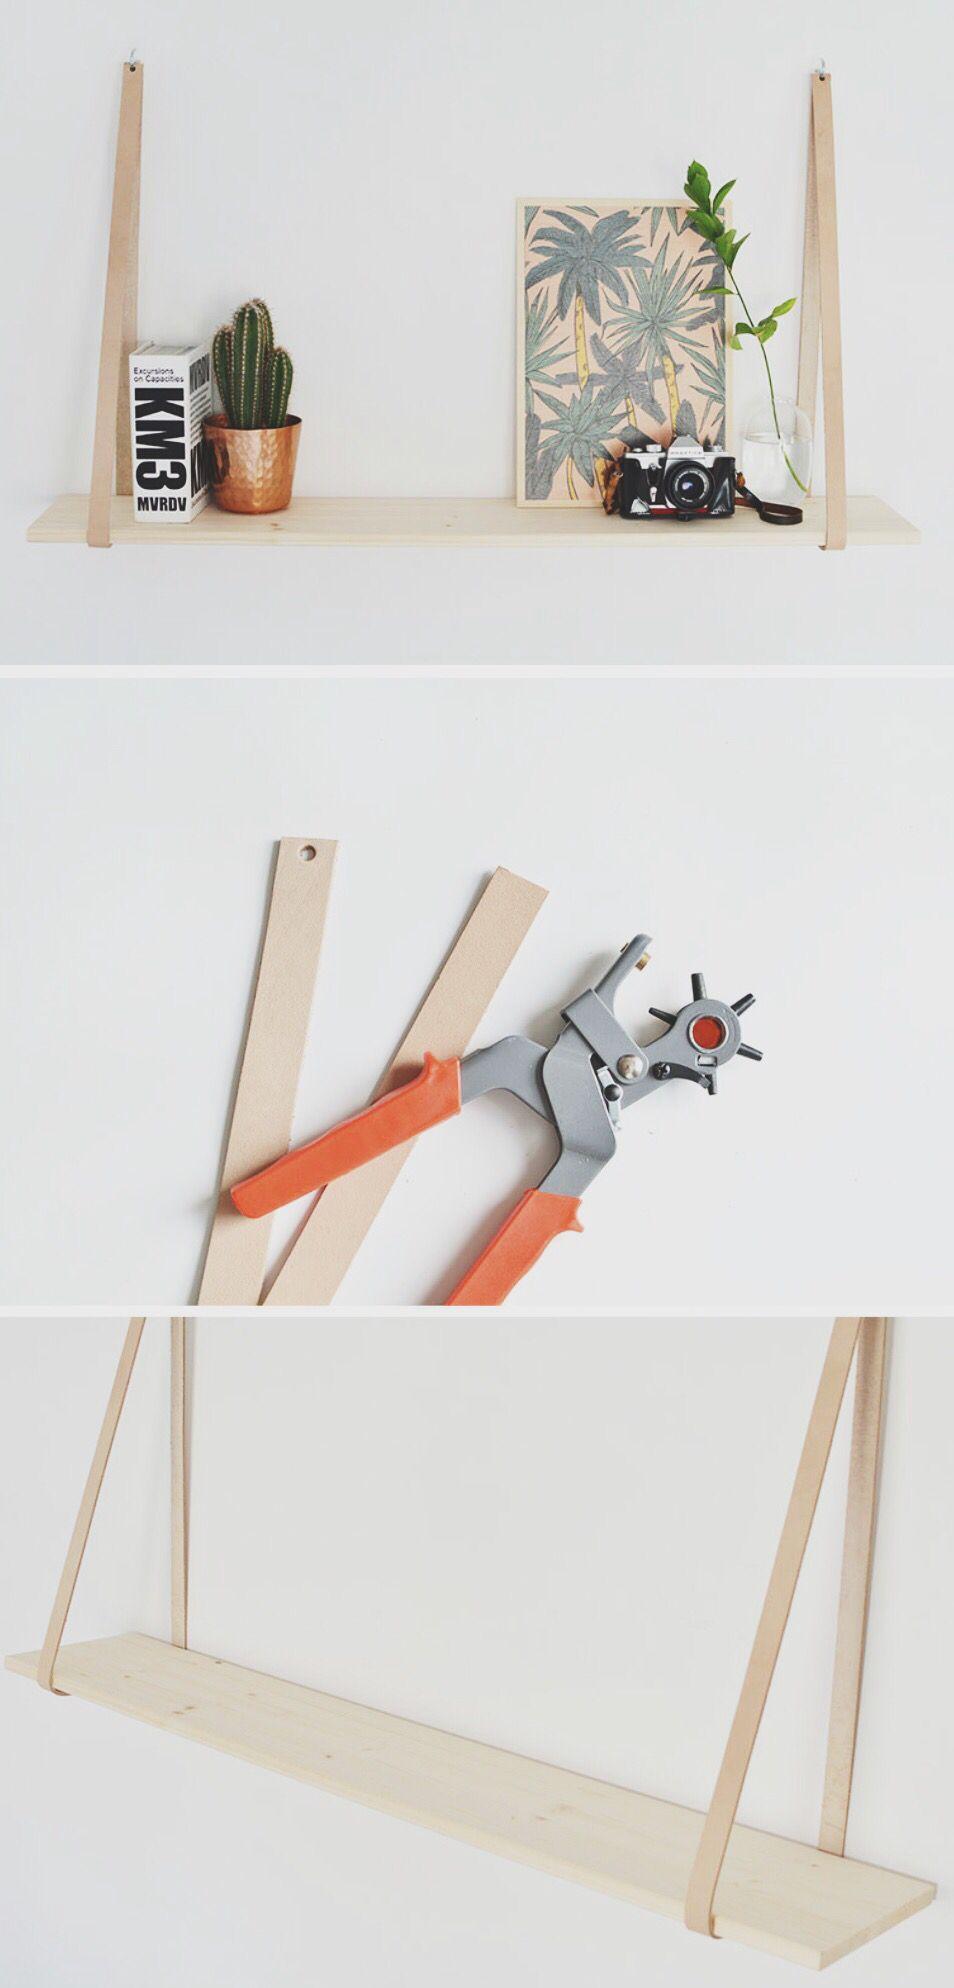 diy easy leather strap shelf diy home decor pinterest. Black Bedroom Furniture Sets. Home Design Ideas